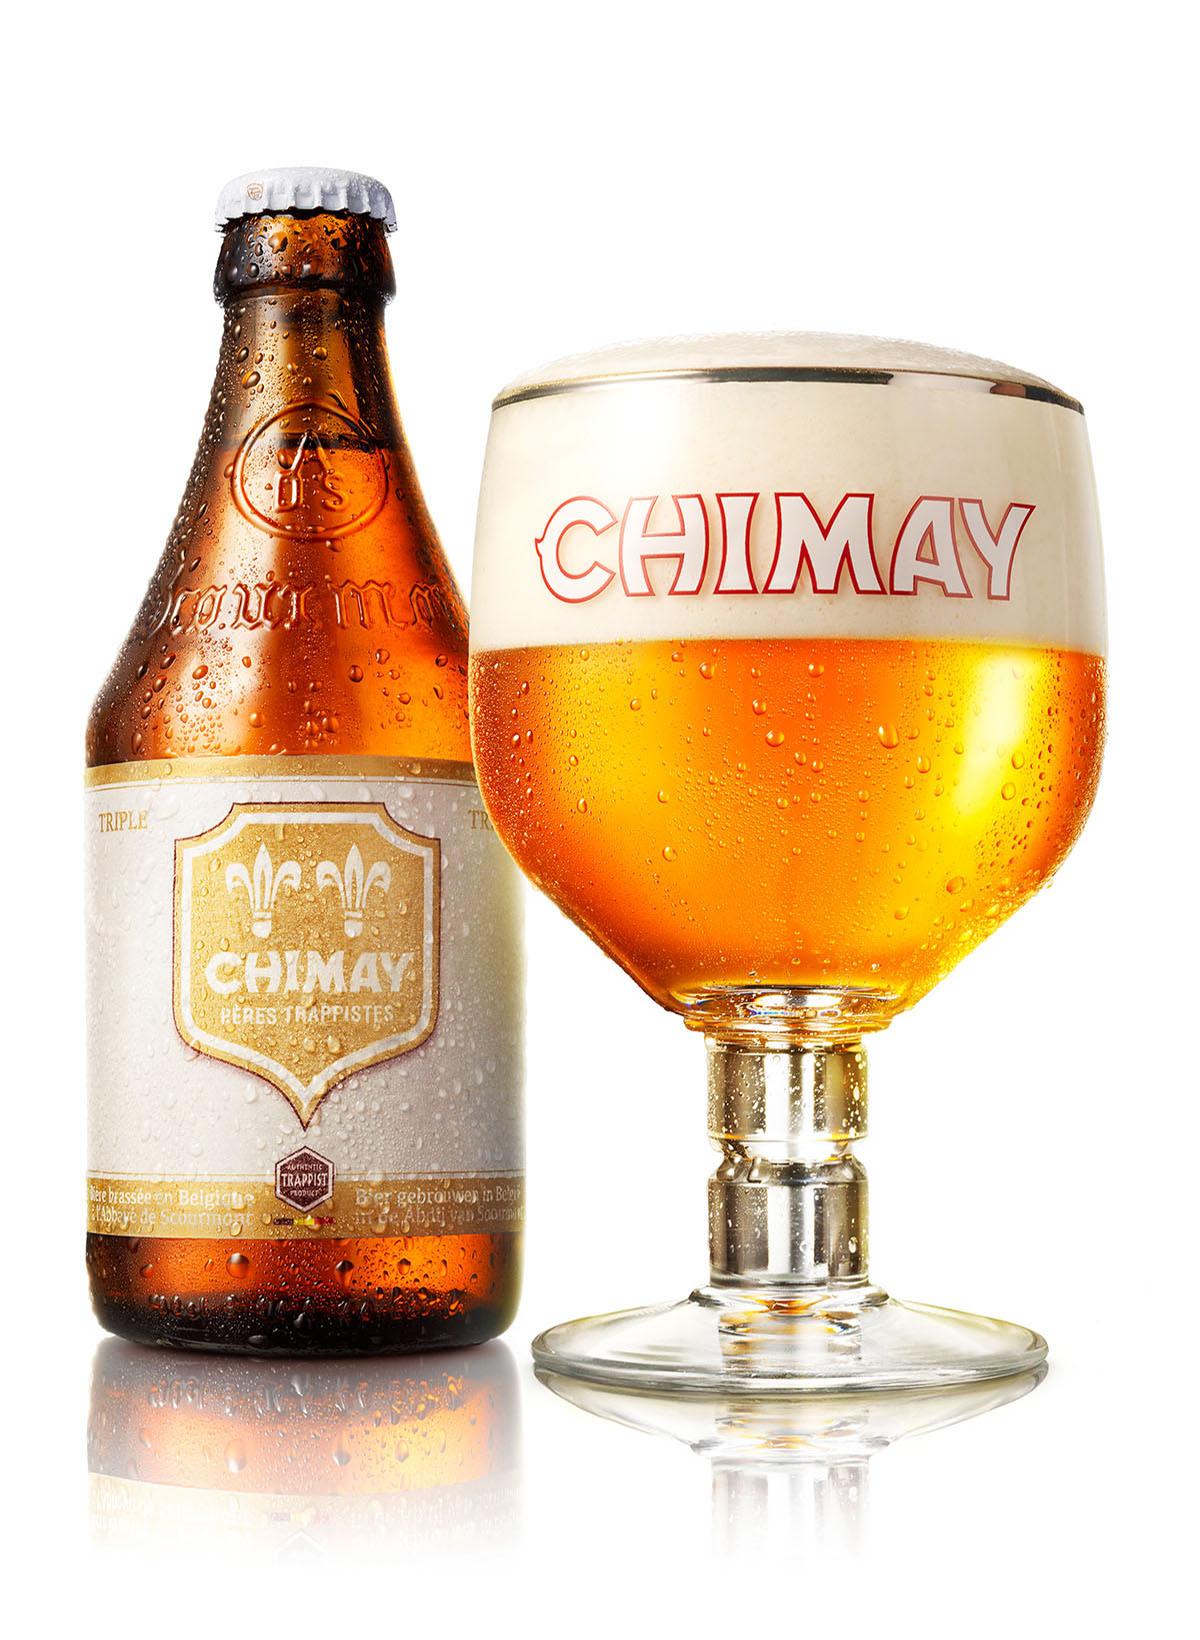 Packshots fotografie van een fles en een glas Chimay bier gemaakt door Studio_m Fotografie Amsterdam